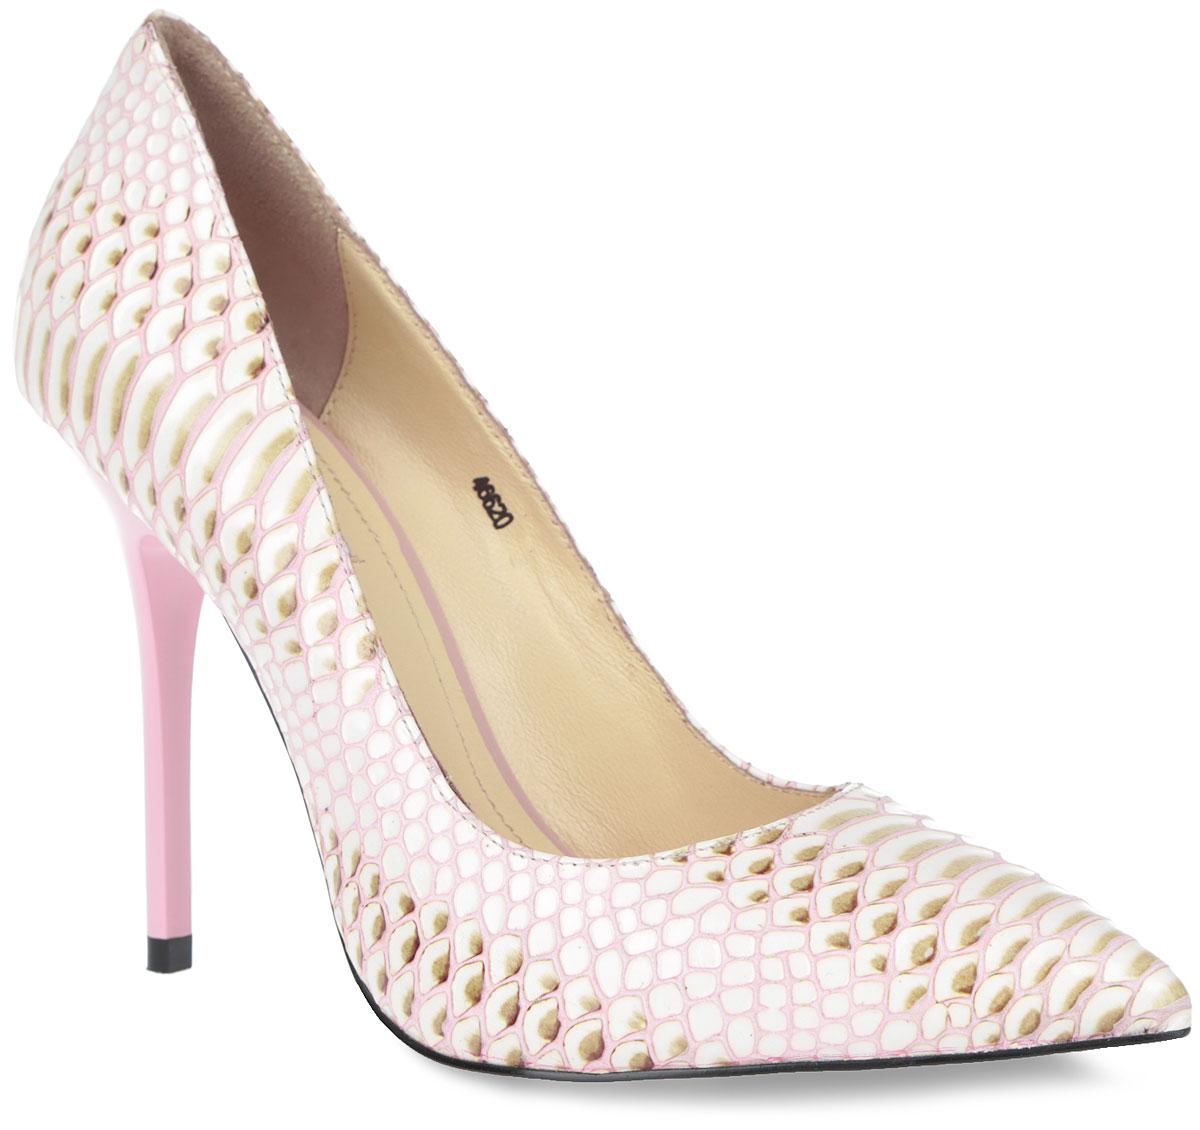 46620Эффектные туфли от Vitacci не оставят вас незамеченной! Модель выполнена из натуральной с тиснением под рептилию. Заостренный носок смотрится невероятно женственно. Внутренняя поверхность и стелька из натуральной кожи с названием бренда комфортны при ходьбе. Высокий каблук подчеркнет красоту и стройность ваших ног. Рифленая поверхность каблука и подошвы гарантирует отличное сцепление с любыми поверхностями. Стильные туфли - незаменимая вещь в гардеробе настоящей модницы! Они подчеркнут ваш стиль и индивидуальность.